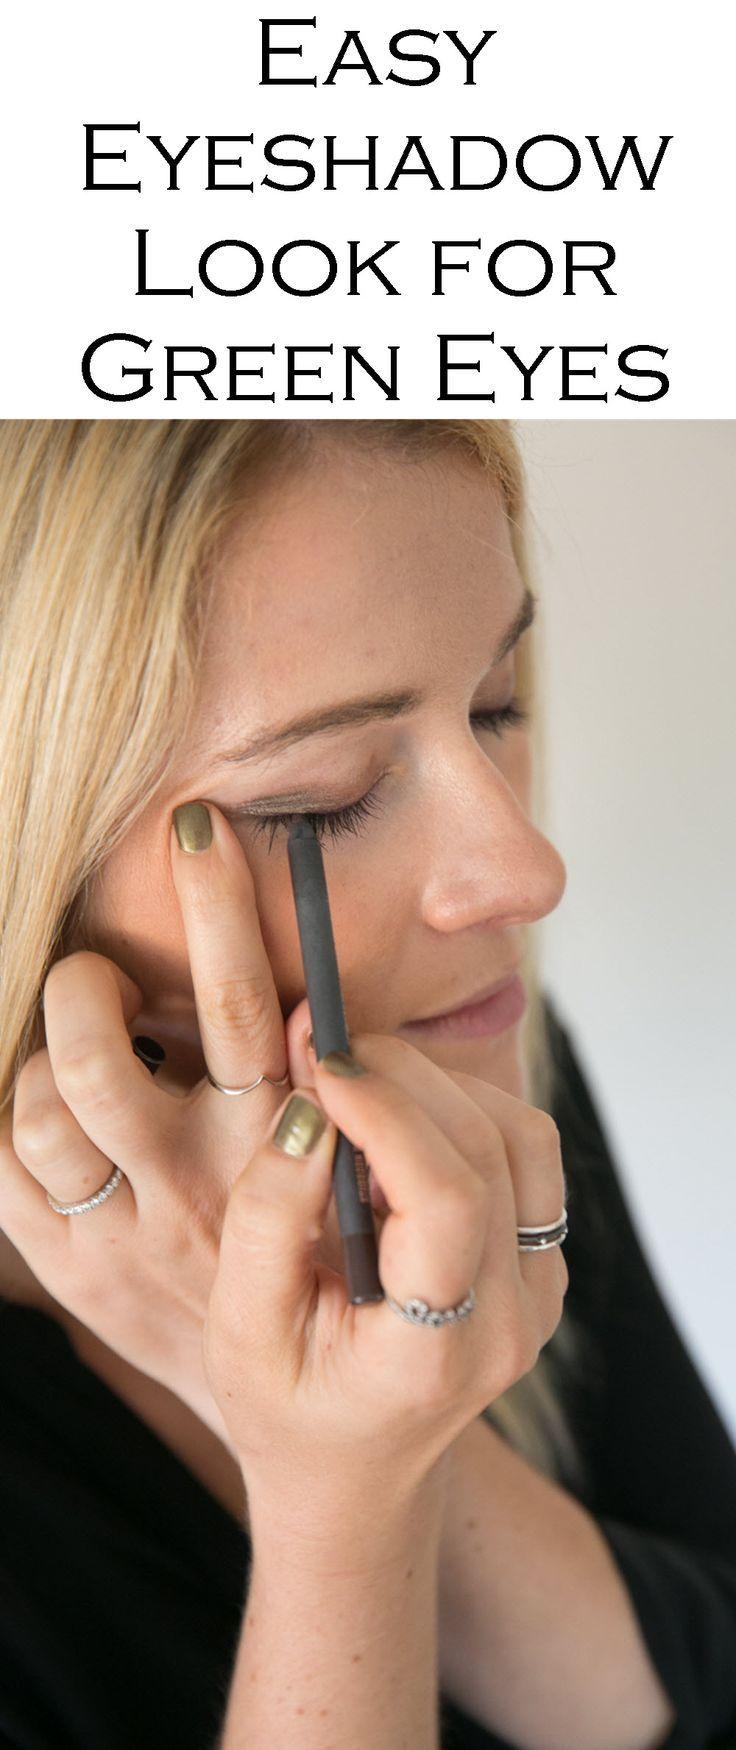 Easy Eyeshadow Look for Green Eyes Best pencil eyeliner